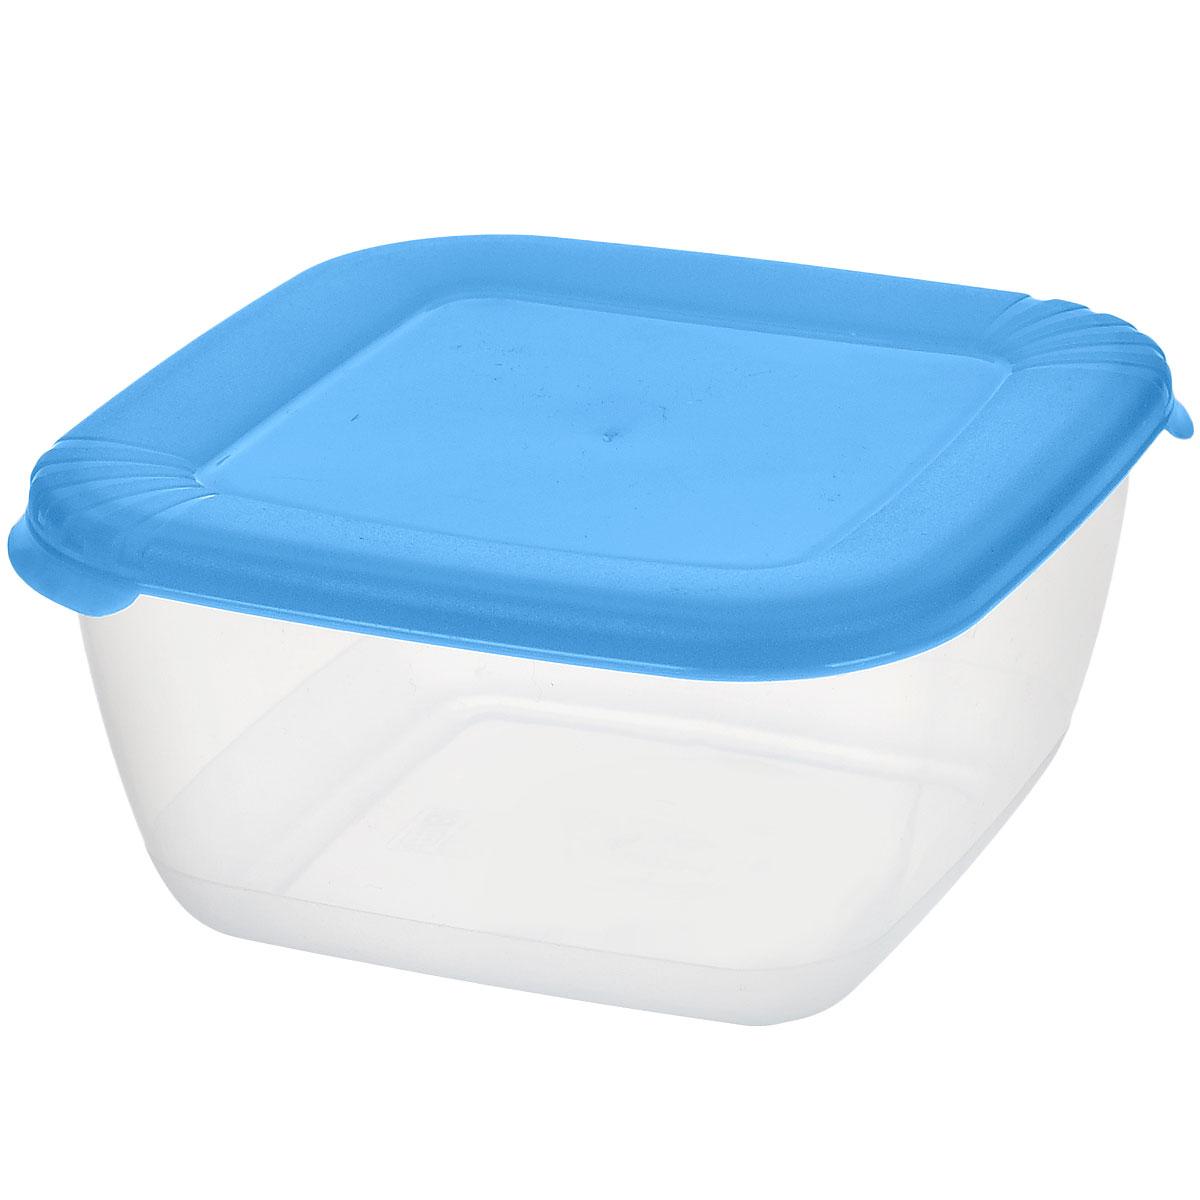 Контейнер для СВЧ Полимербыт Лайт, цвет: прозрачный, голубой, 0,46 л391602Квадратный контейнер для СВЧ Полимербыт Лайт изготовлен из высококачественного прочного пластика, устойчивого к высоким температурам до +120°С. Яркая цветная крышка плотно закрывается, дольше сохраняя продукты свежими и вкусными. Контейнер идеально подходит для хранения пищи, его удобно брать с собой на работу, учебу, пикник или просто использовать для хранения пищи в холодильнике.Можно использовать в микроволновой печи и для заморозки в морозильной камере при минимальной температуре -40°С. Можно мыть в посудомоечной машине.